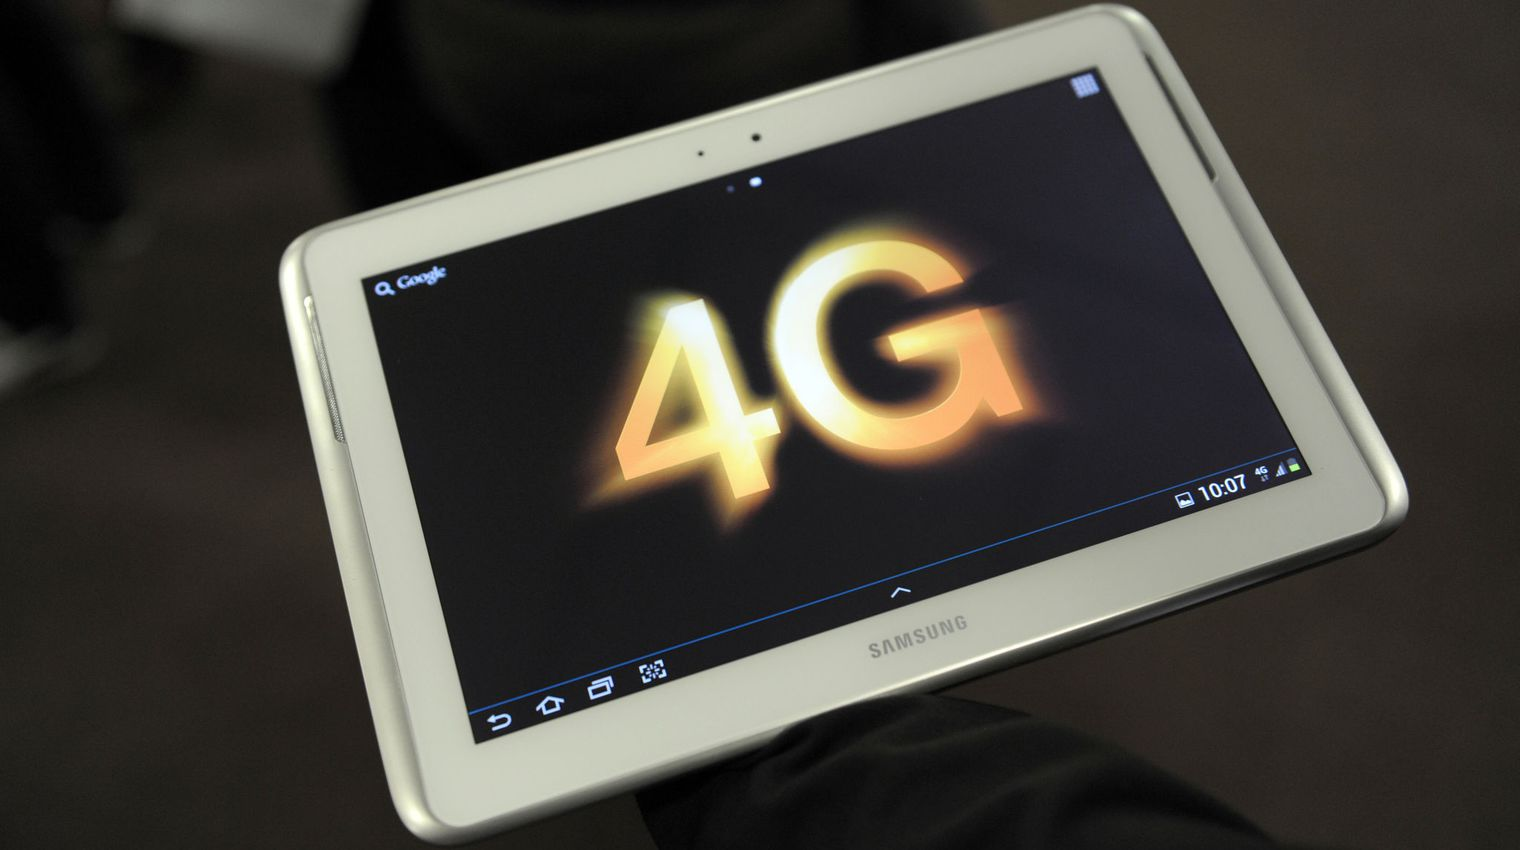 le-reseau-4g-permettra-des-connexions-internet-plus-rapides-pour-les-mobiles_4050447.jpg